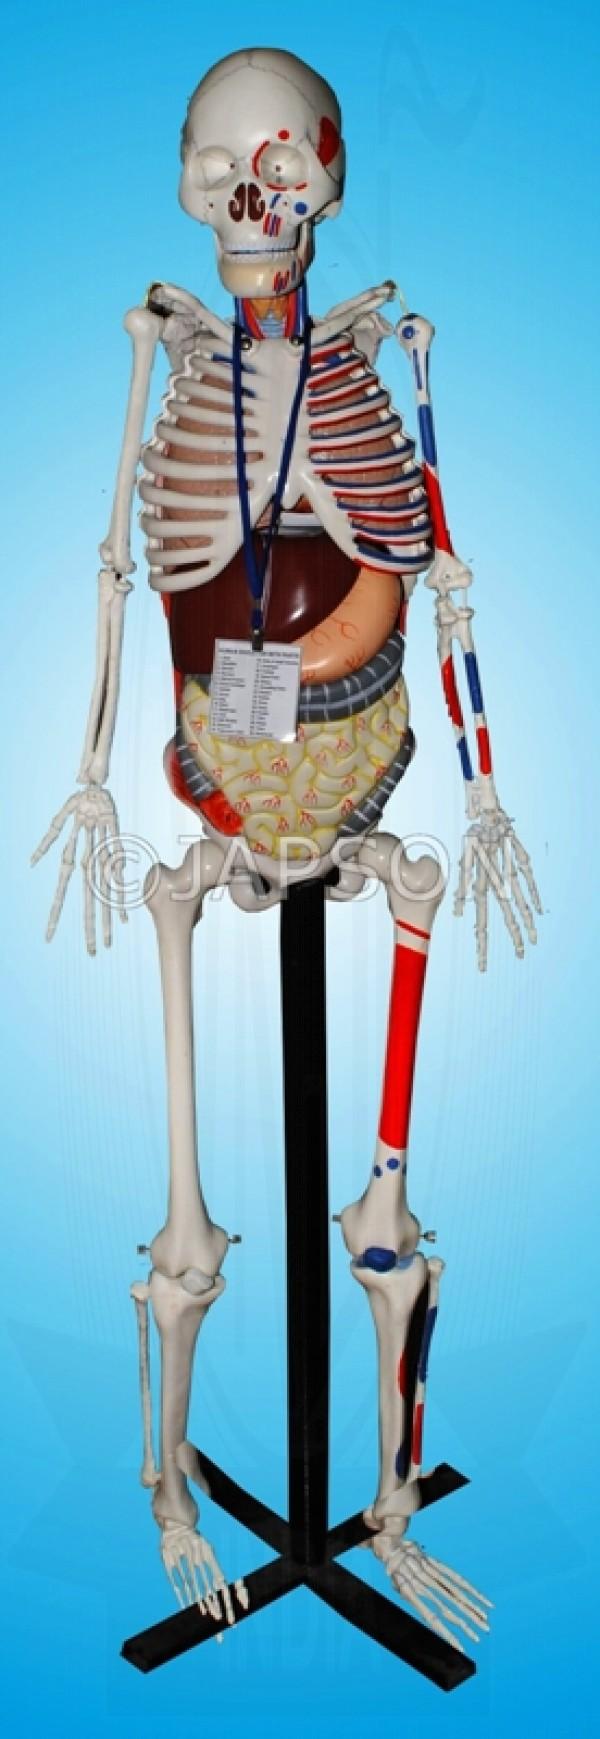 VKSI Human Skeleton with Internal Organs